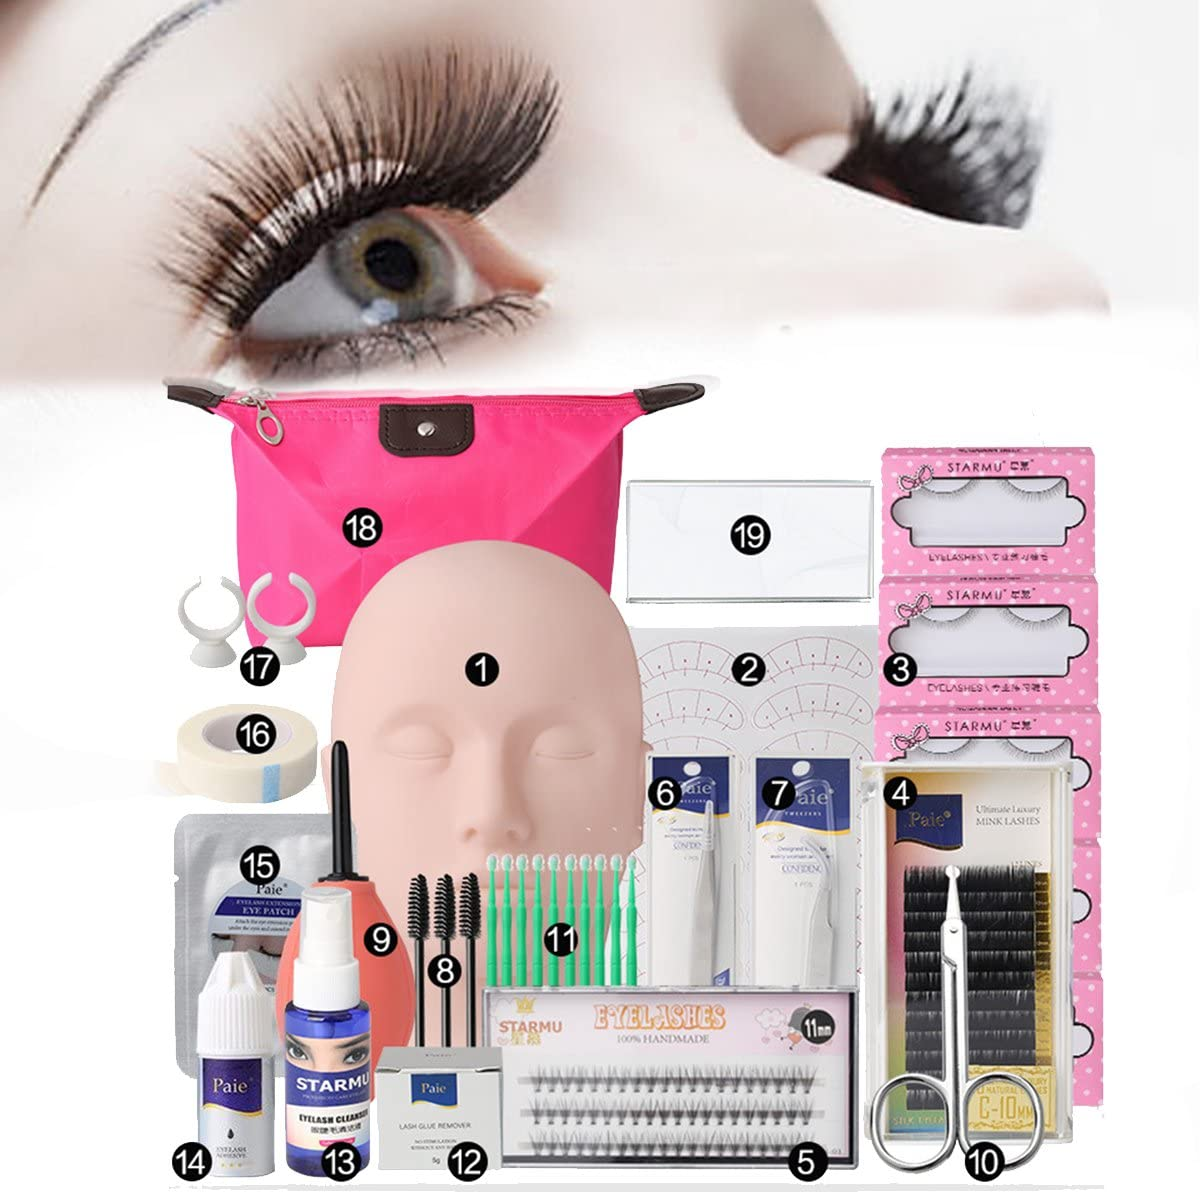 Juego de extensión de la pestaña, Luckyfine Pestañas postizas extensión entrenamiento herramienta de maquillaje, Kit de práctica con bolsa (19pcs)